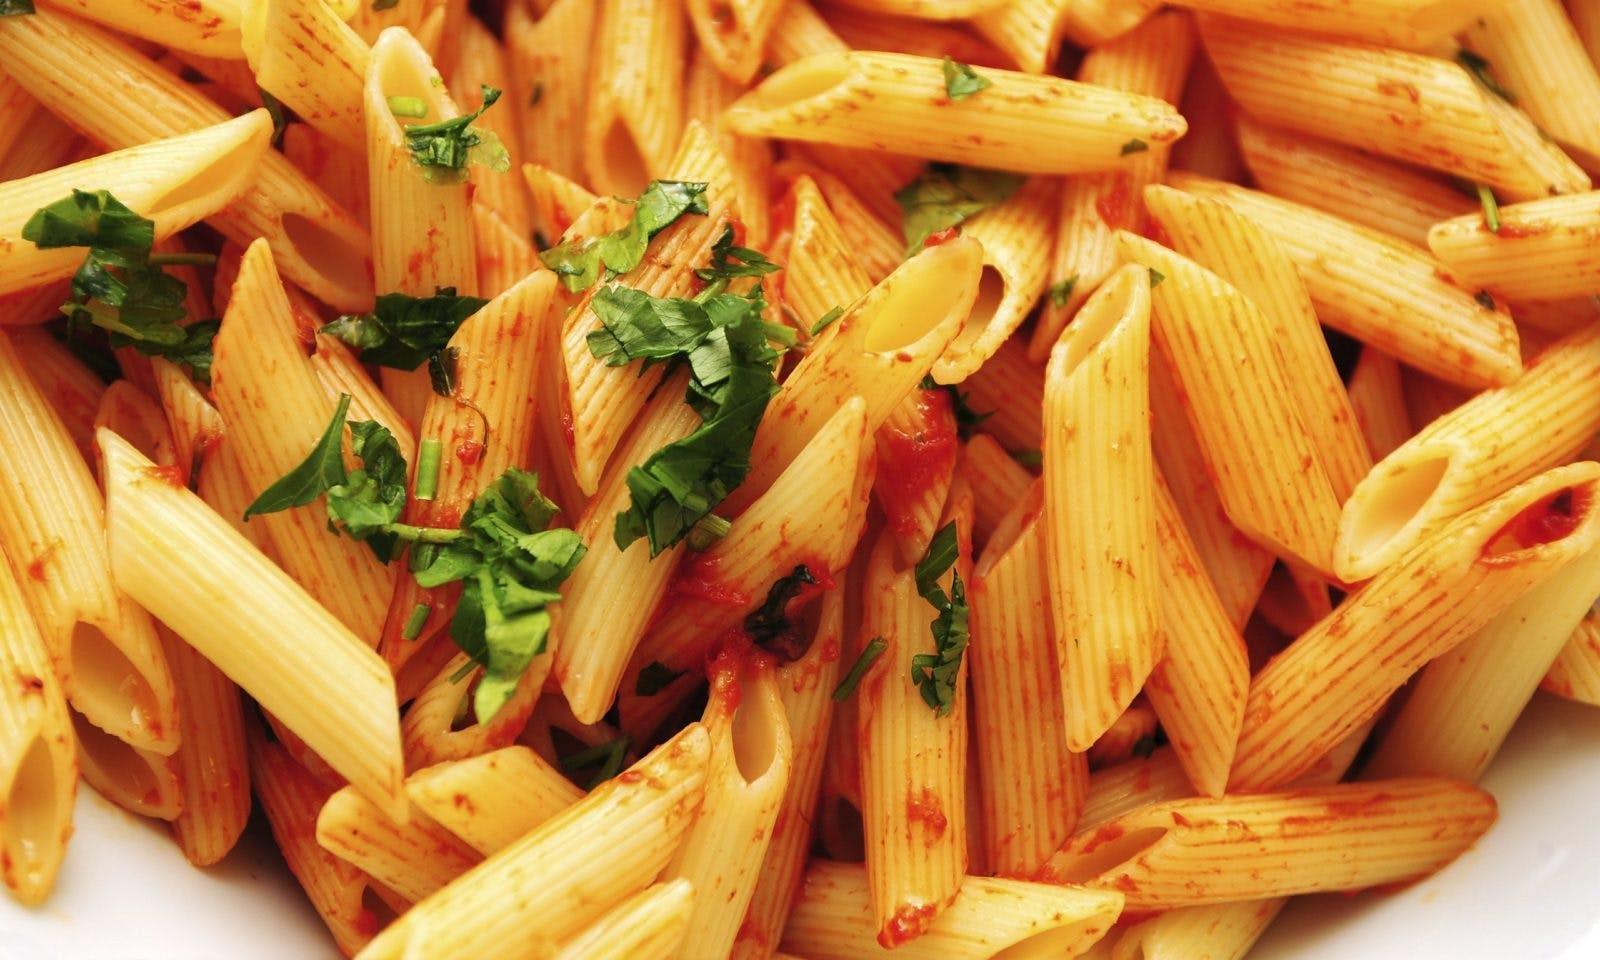 Pasta gör dig smal enligt bisarr forskningsrapport från Barilla - lurar media